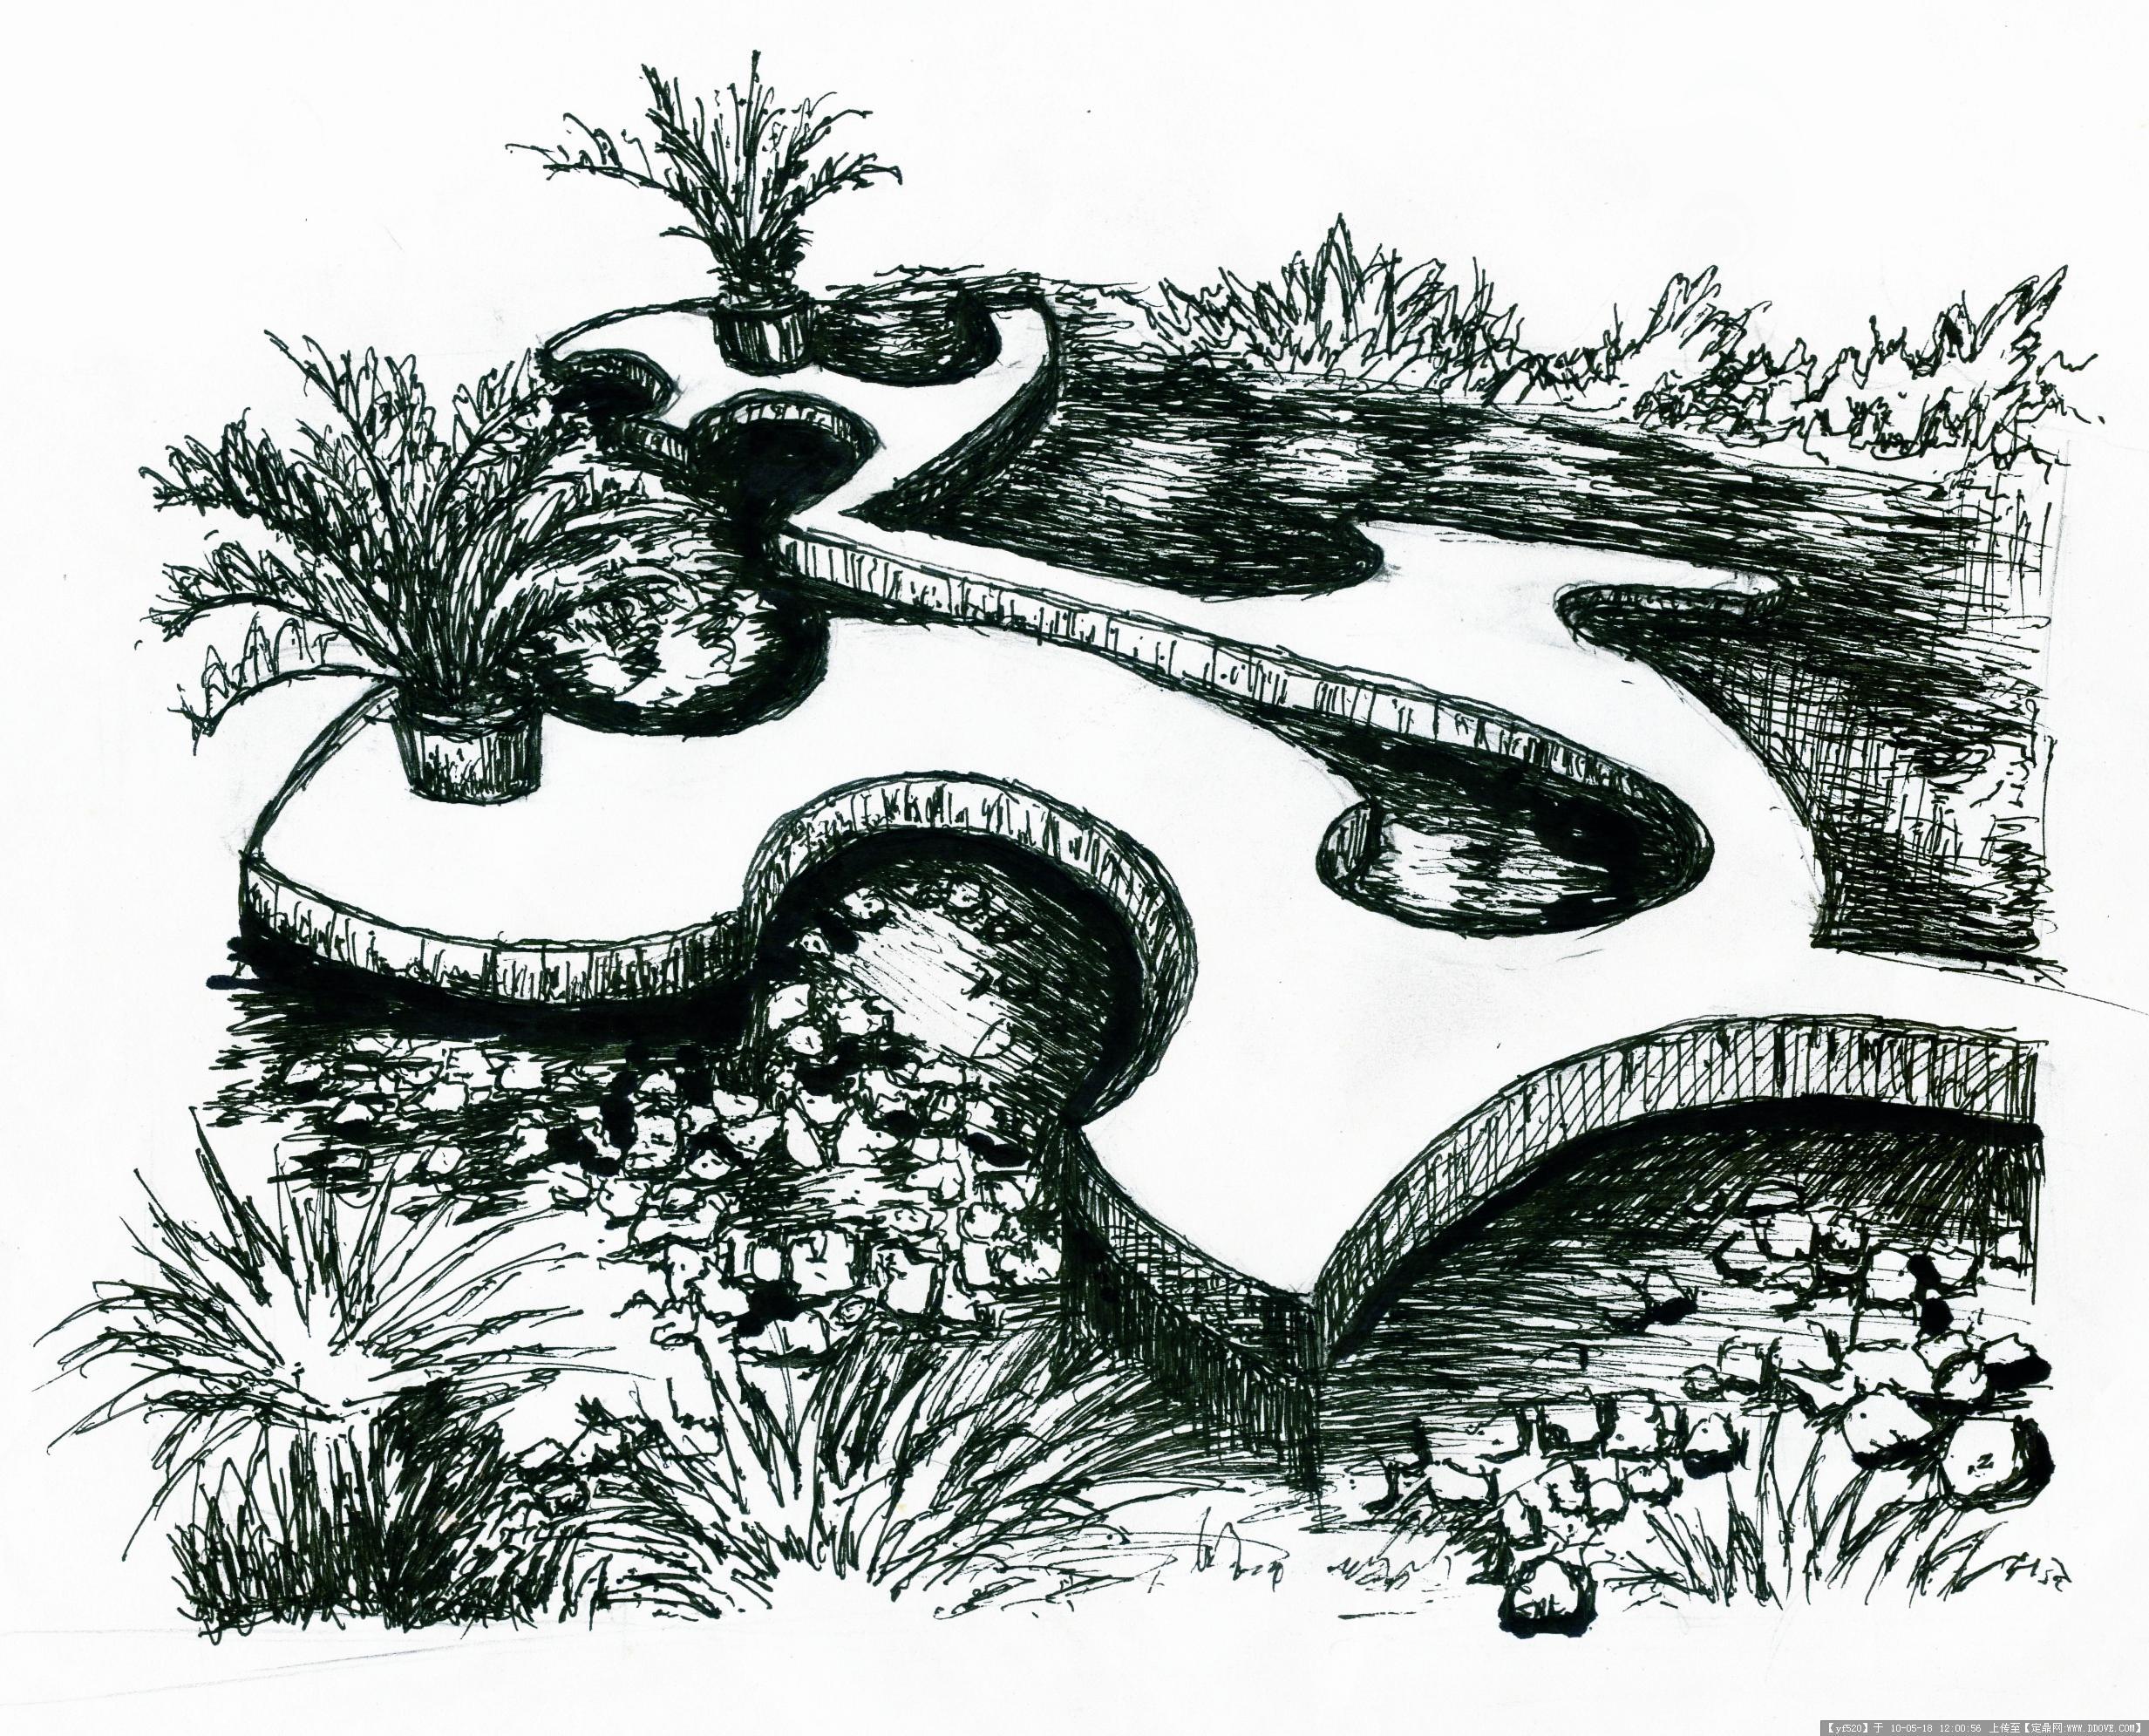 自己临摹的一些钢笔画-6张的图片浏览,园林效 果图,,.